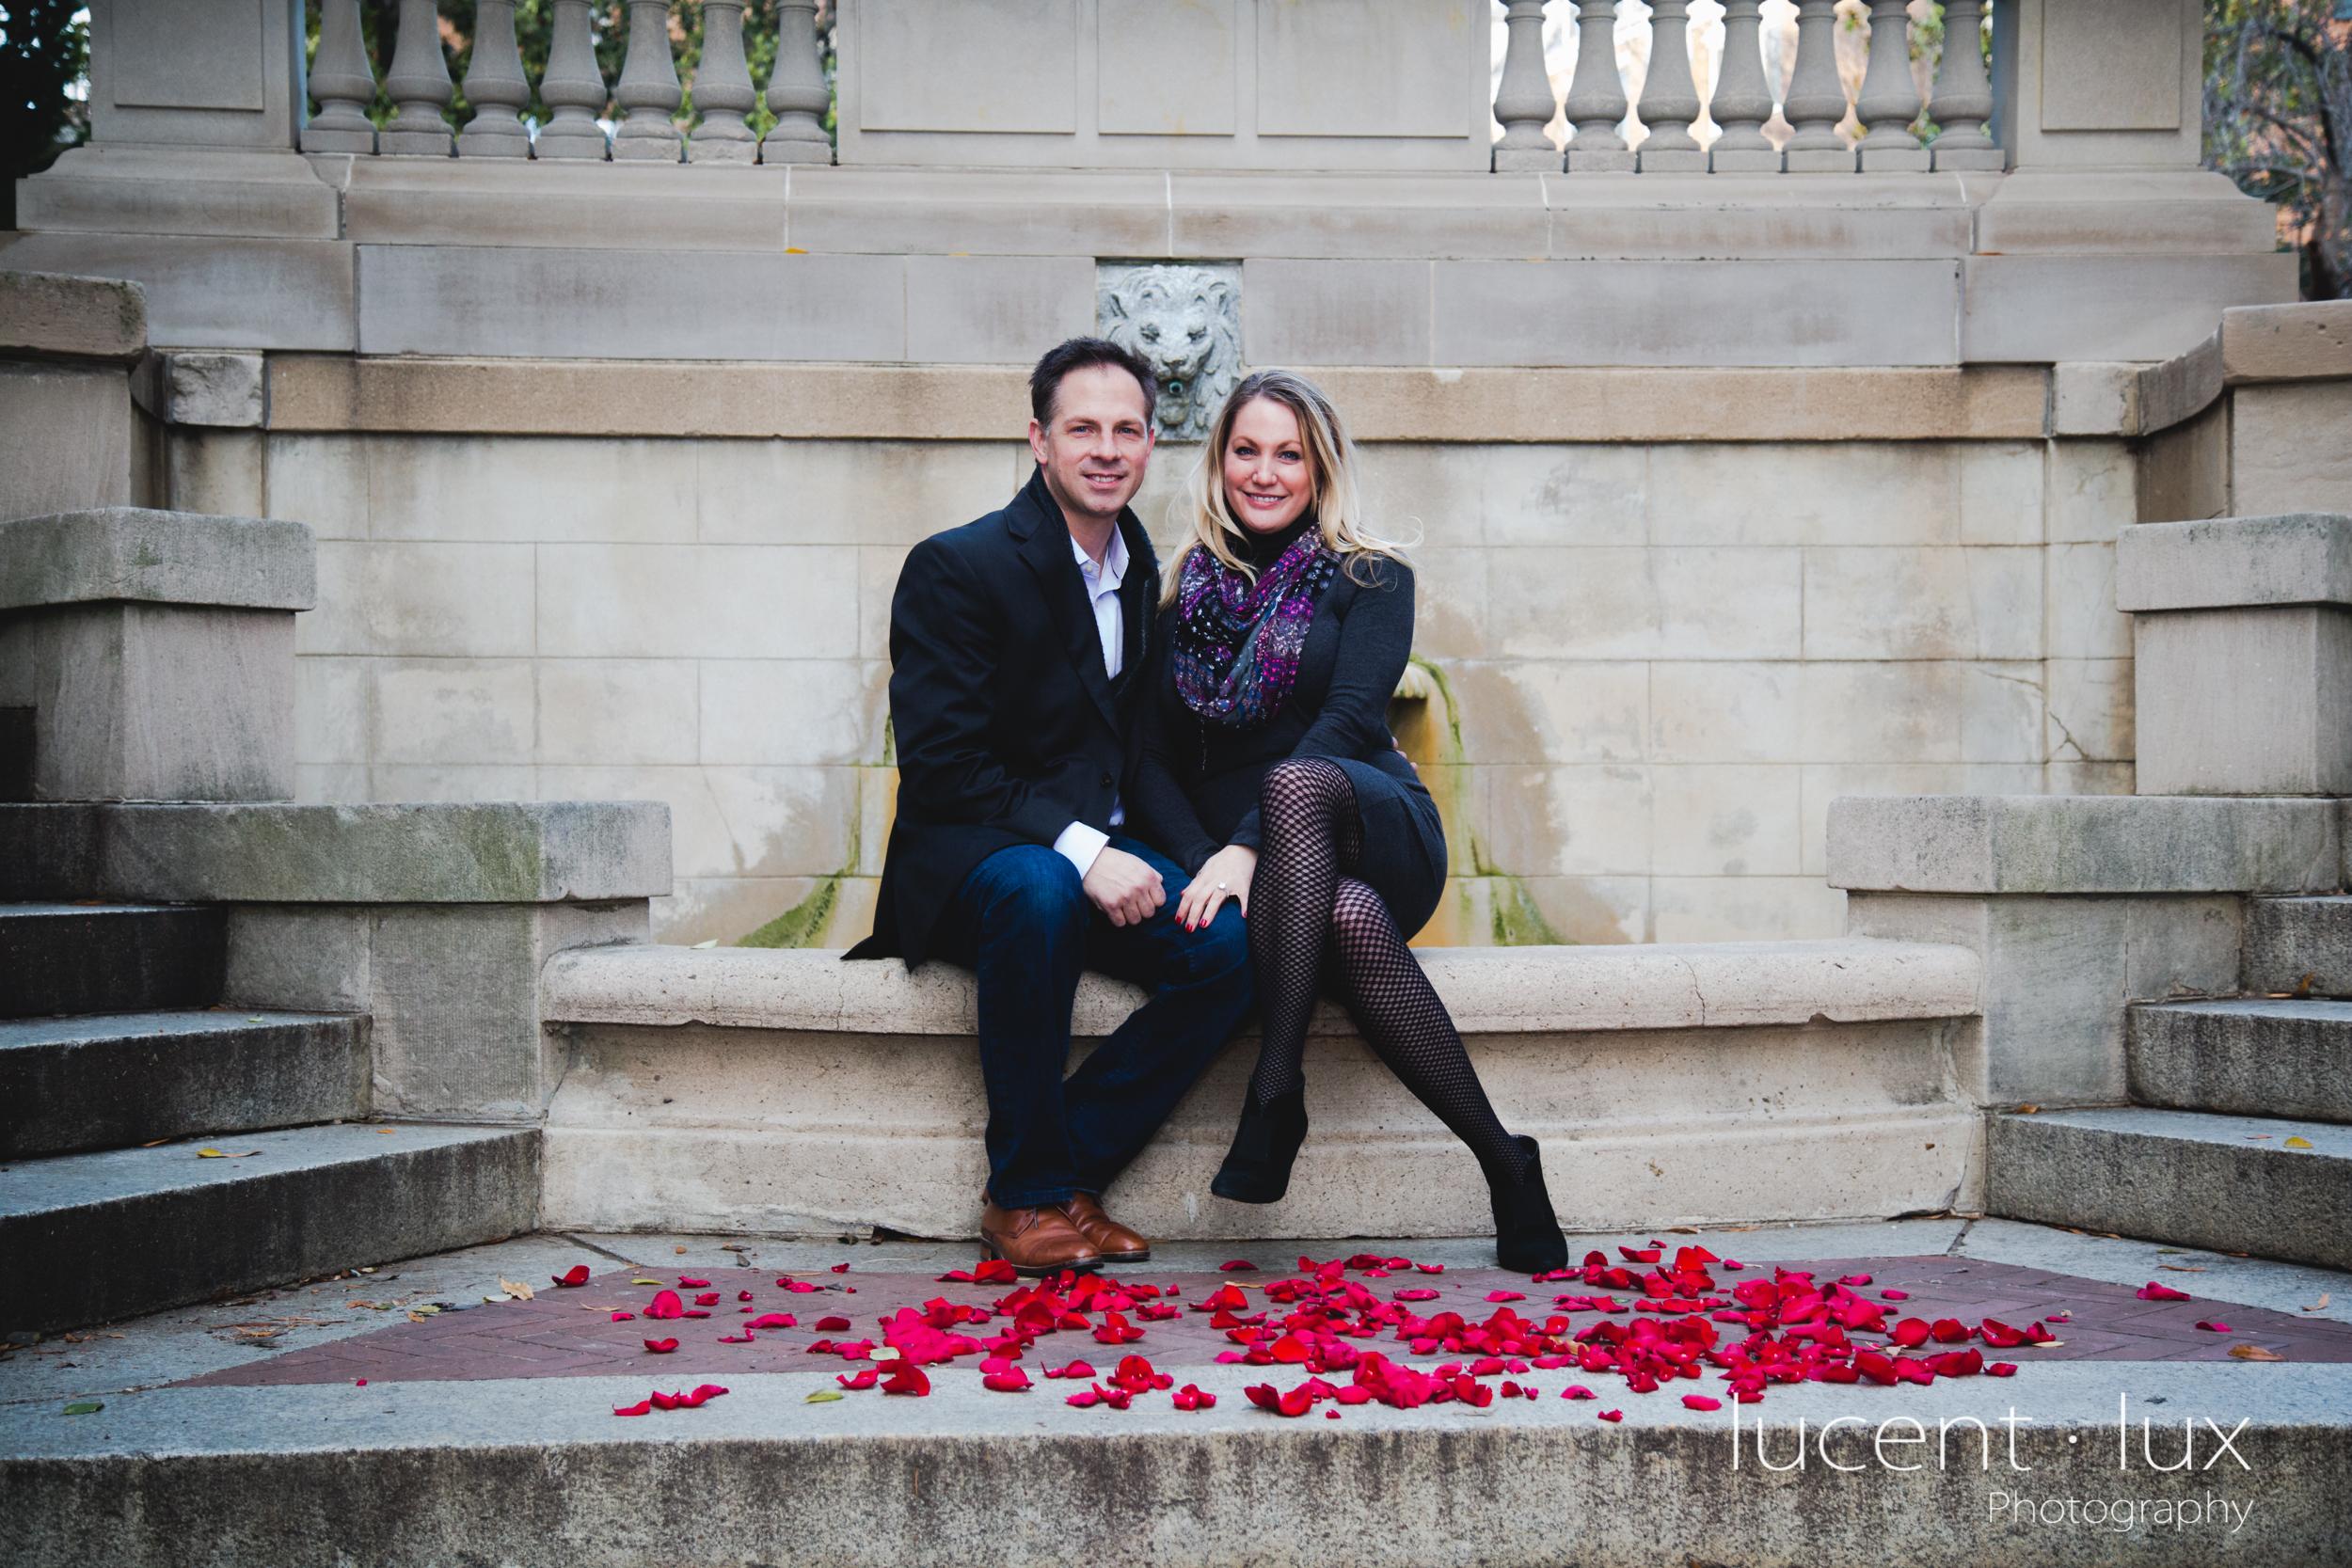 Baltimore-Maryland-Engagement-Photography-Wedding-Washington-DC-Photographer-Portrait-Engagement-237.jpg